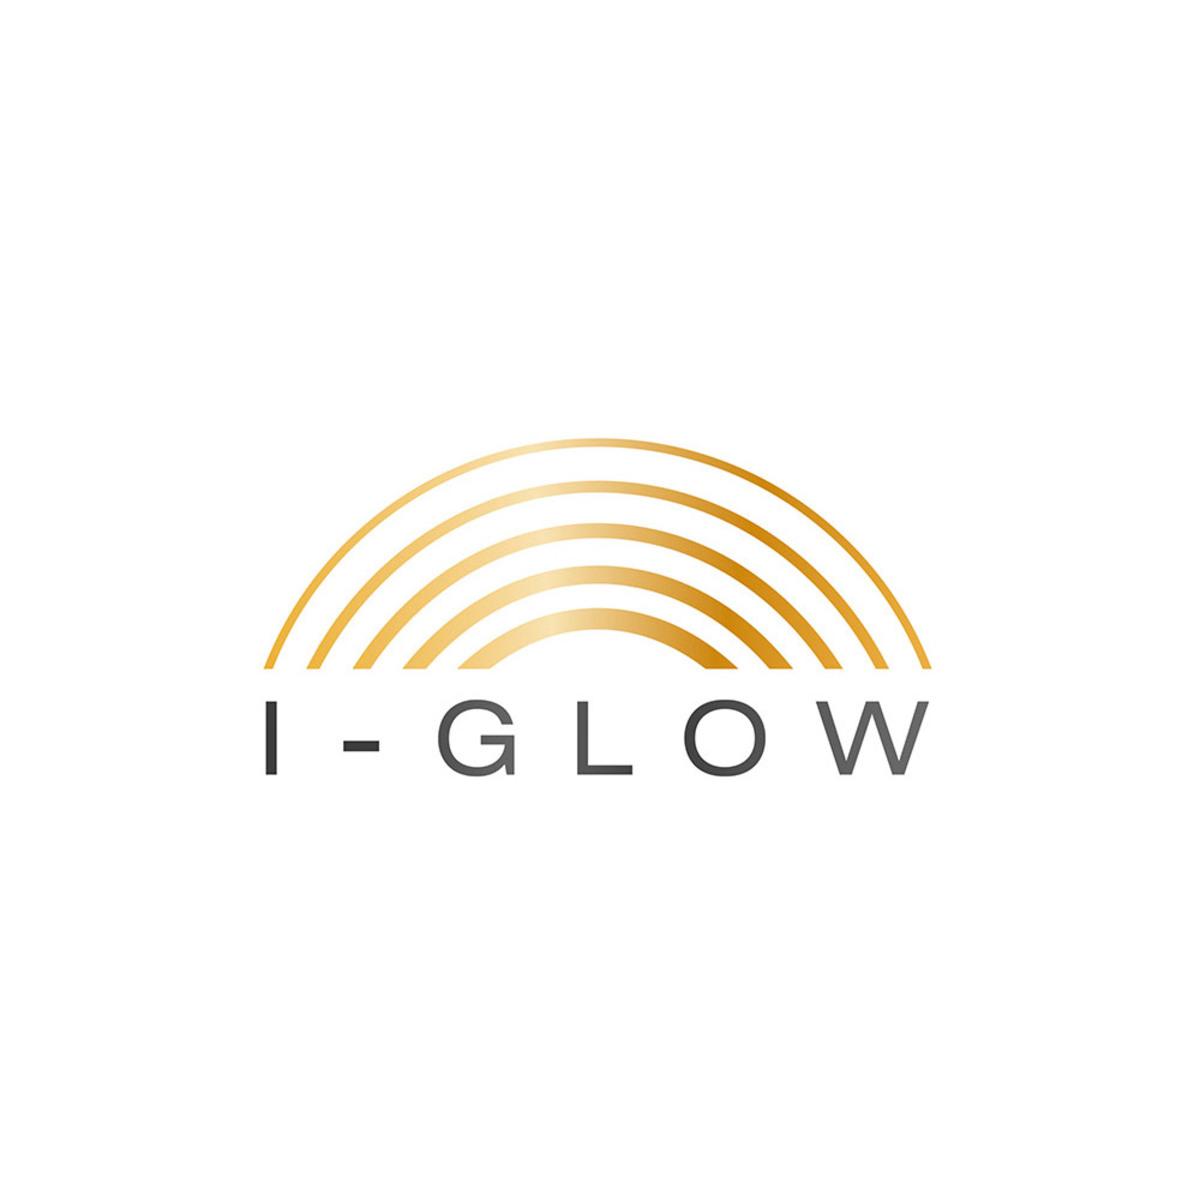 Bild 3 von I-Glow LED-Solar-Leuchtkugeln, Crystal Weiß - 3er Set